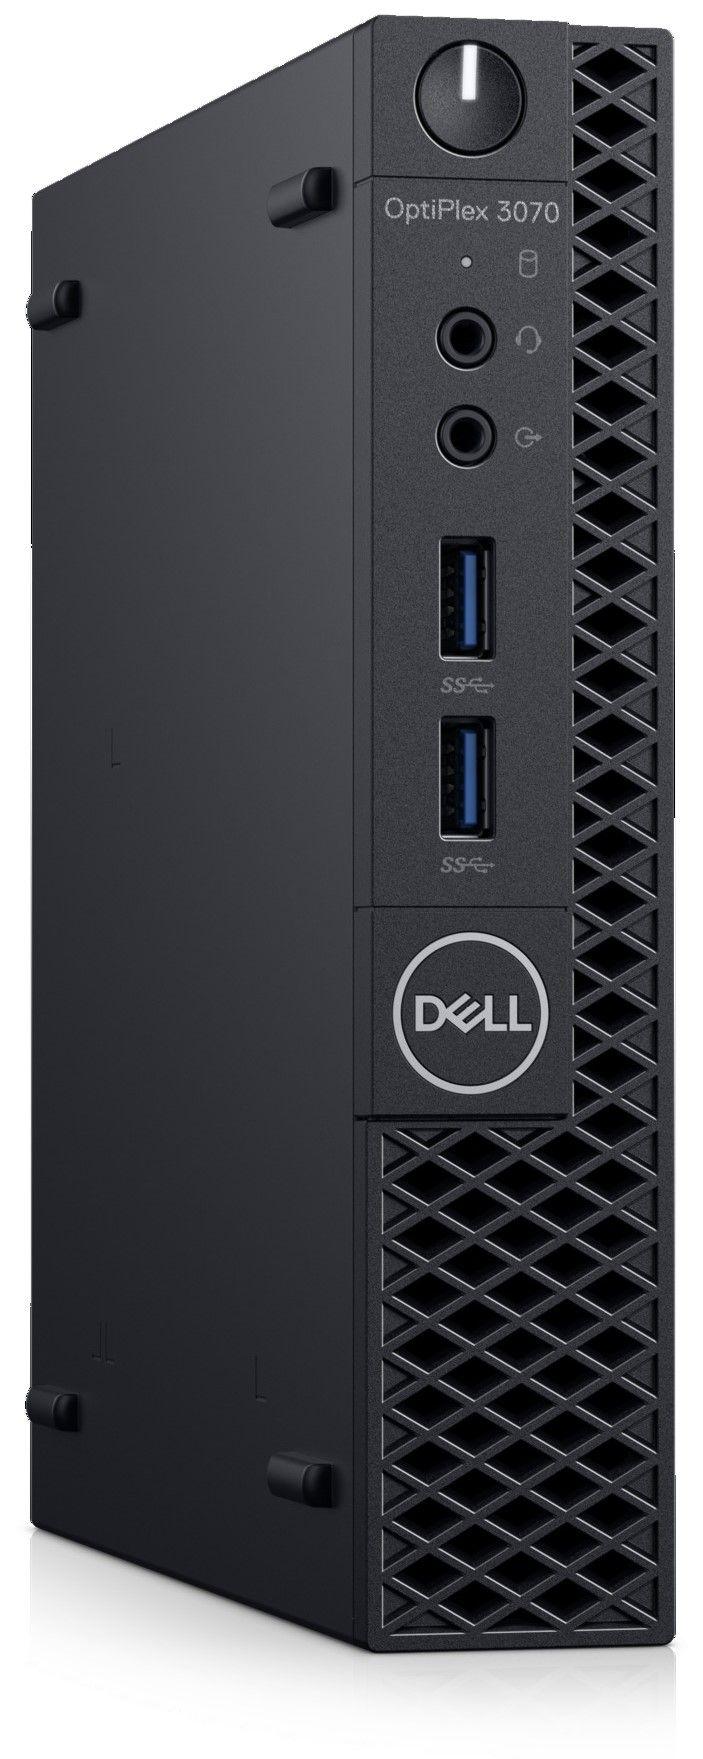 Настолен компютър Dell OptiPlex - 3070 MFF, черен - 2